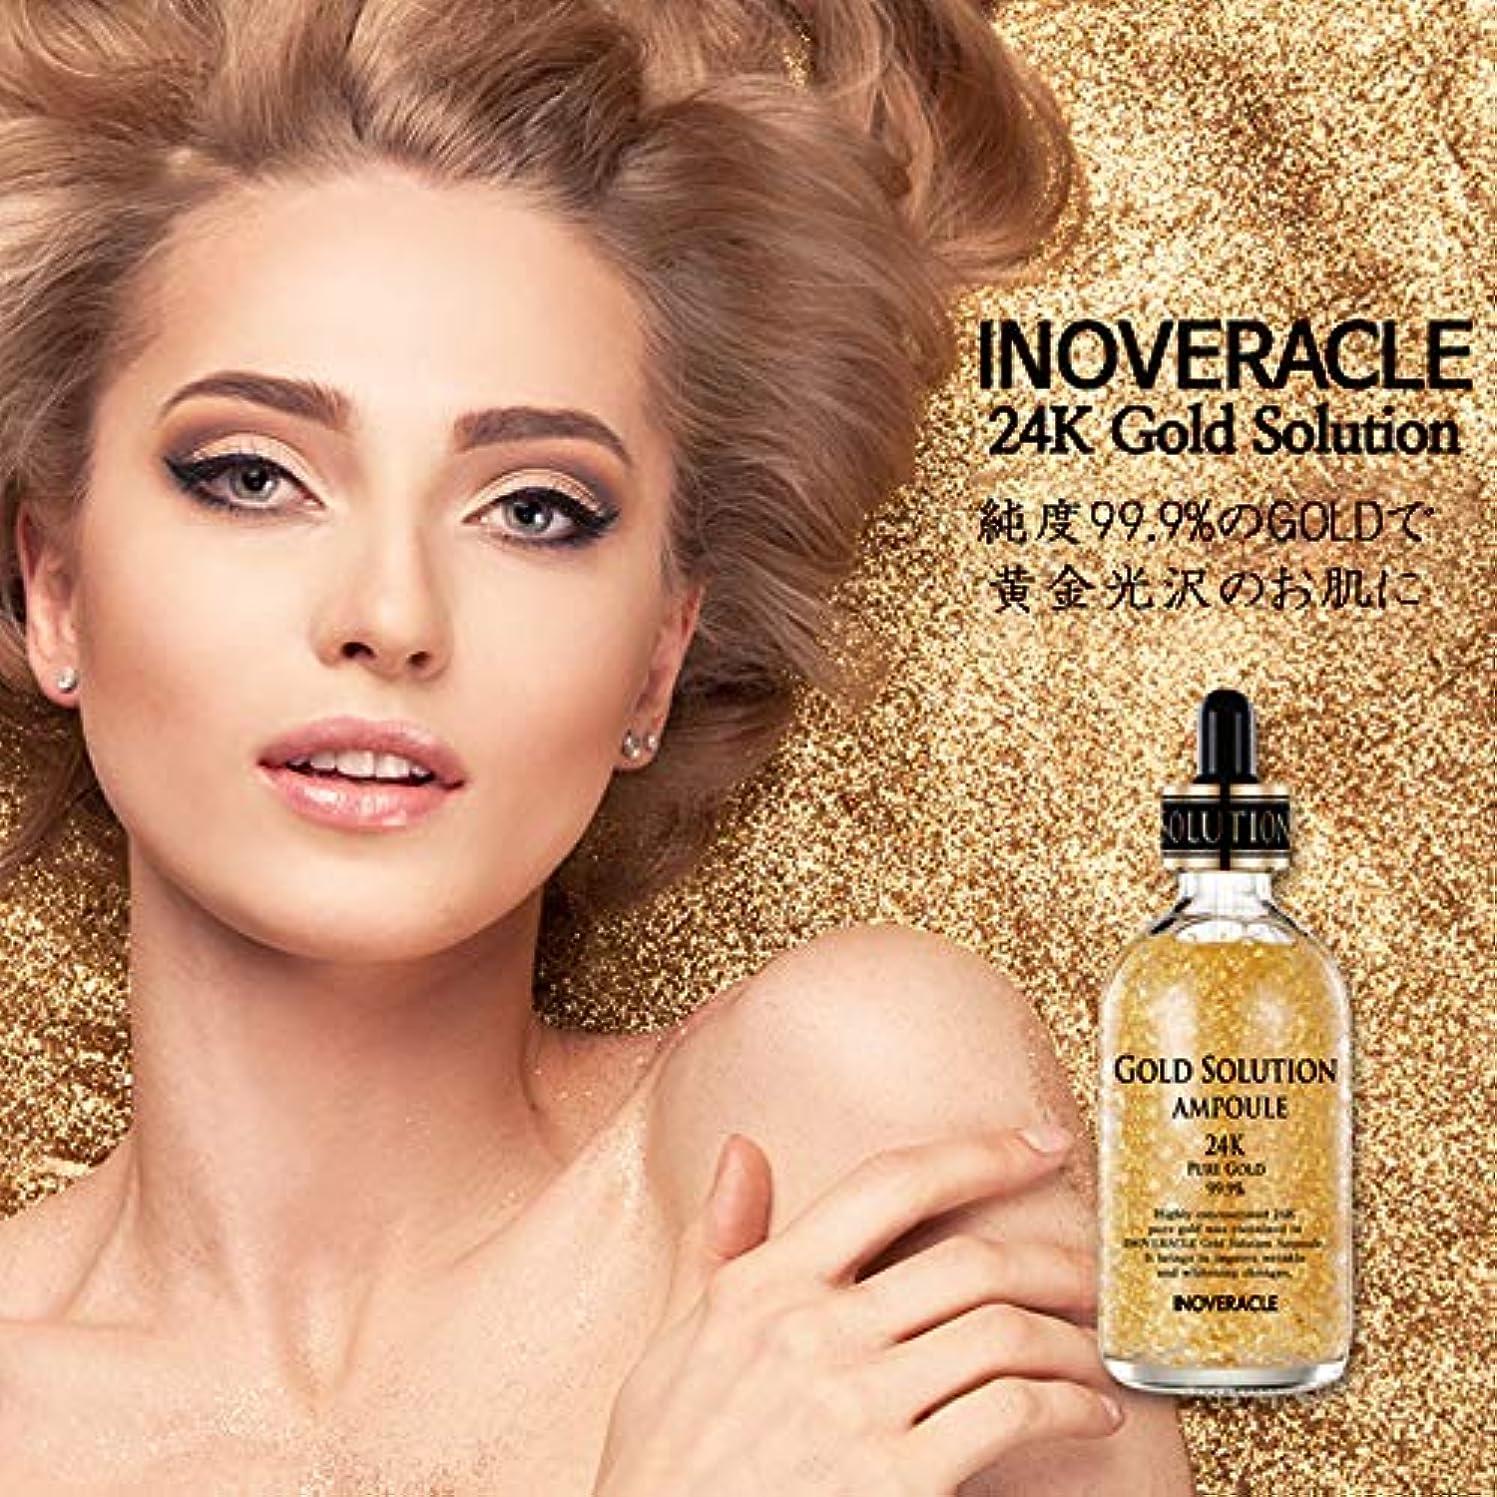 上流の注釈公平なINOVERACLE GOLD SOLUTION AMPOULE 24K 99.9% 純金 アンプル 100ml 美容液 スキンケア 韓国化粧品 光沢お肌 美白美容液